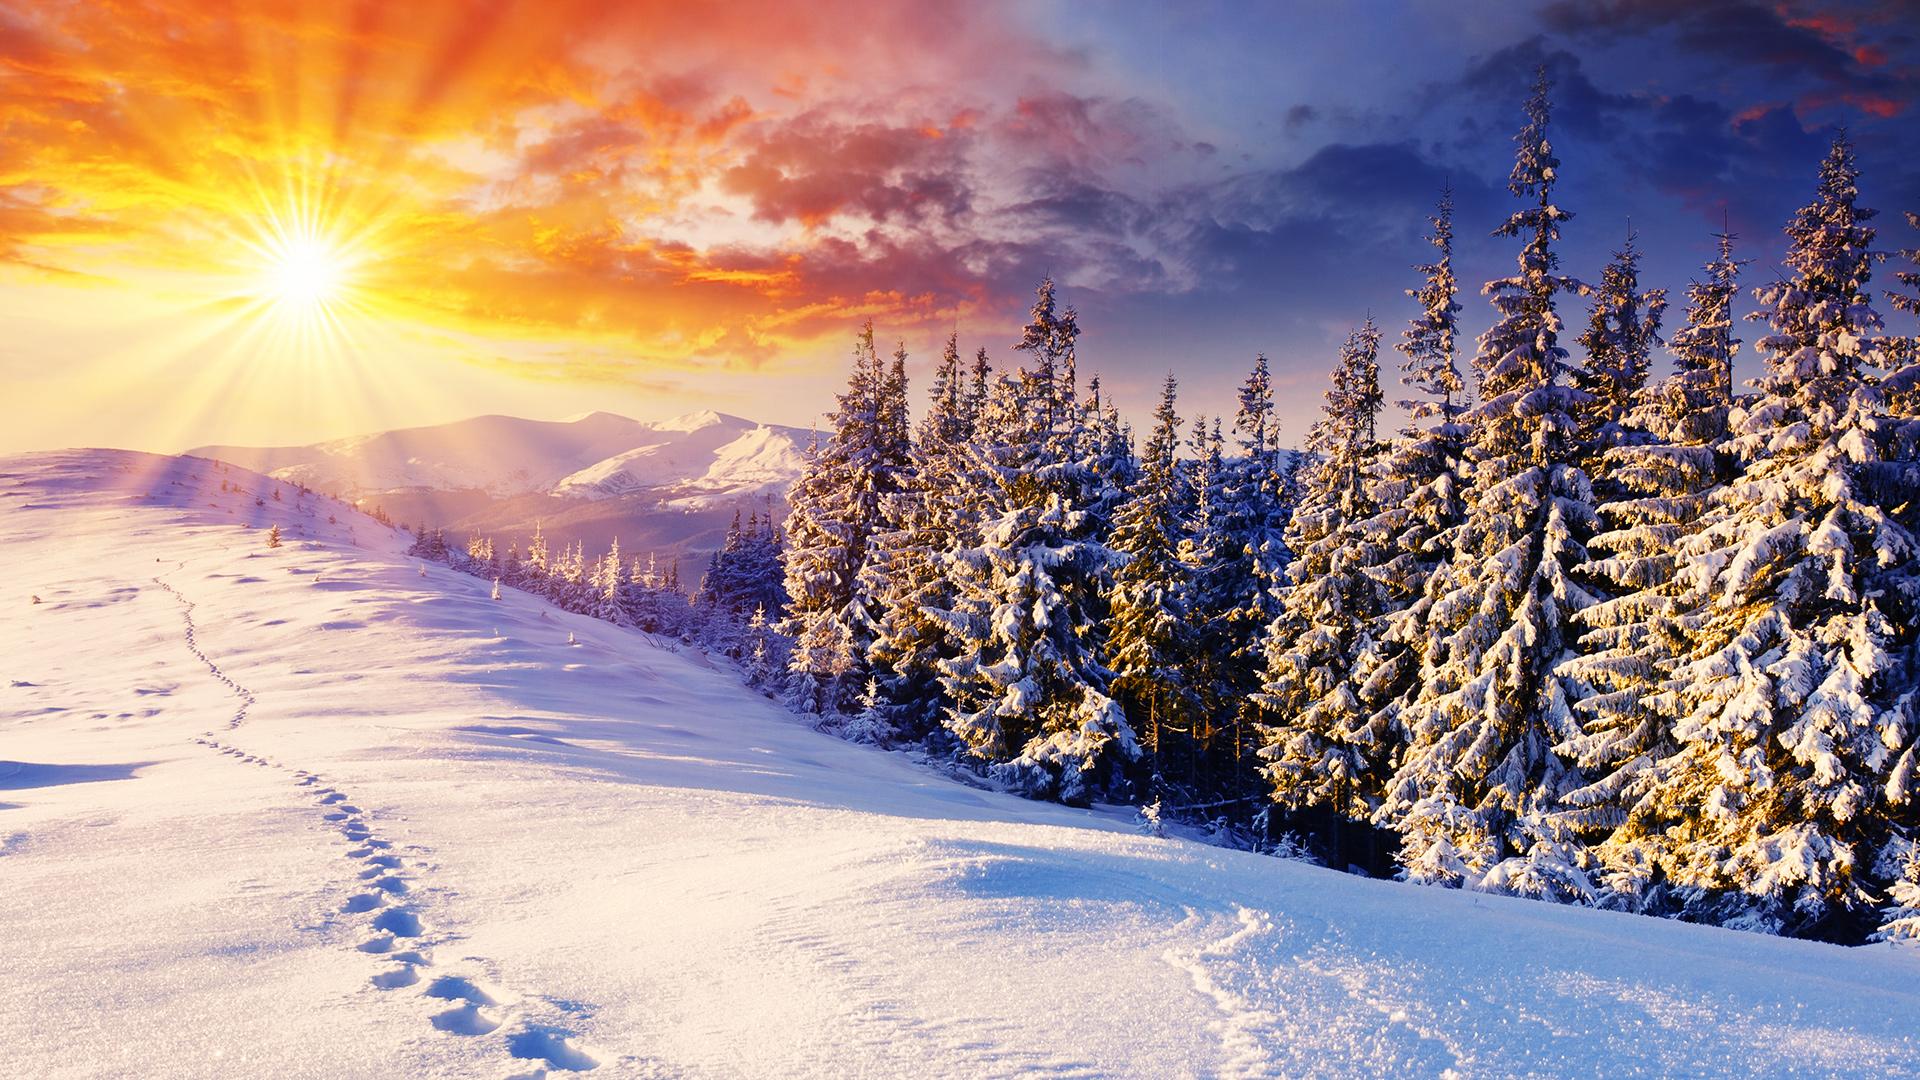 stunning winter background 18556